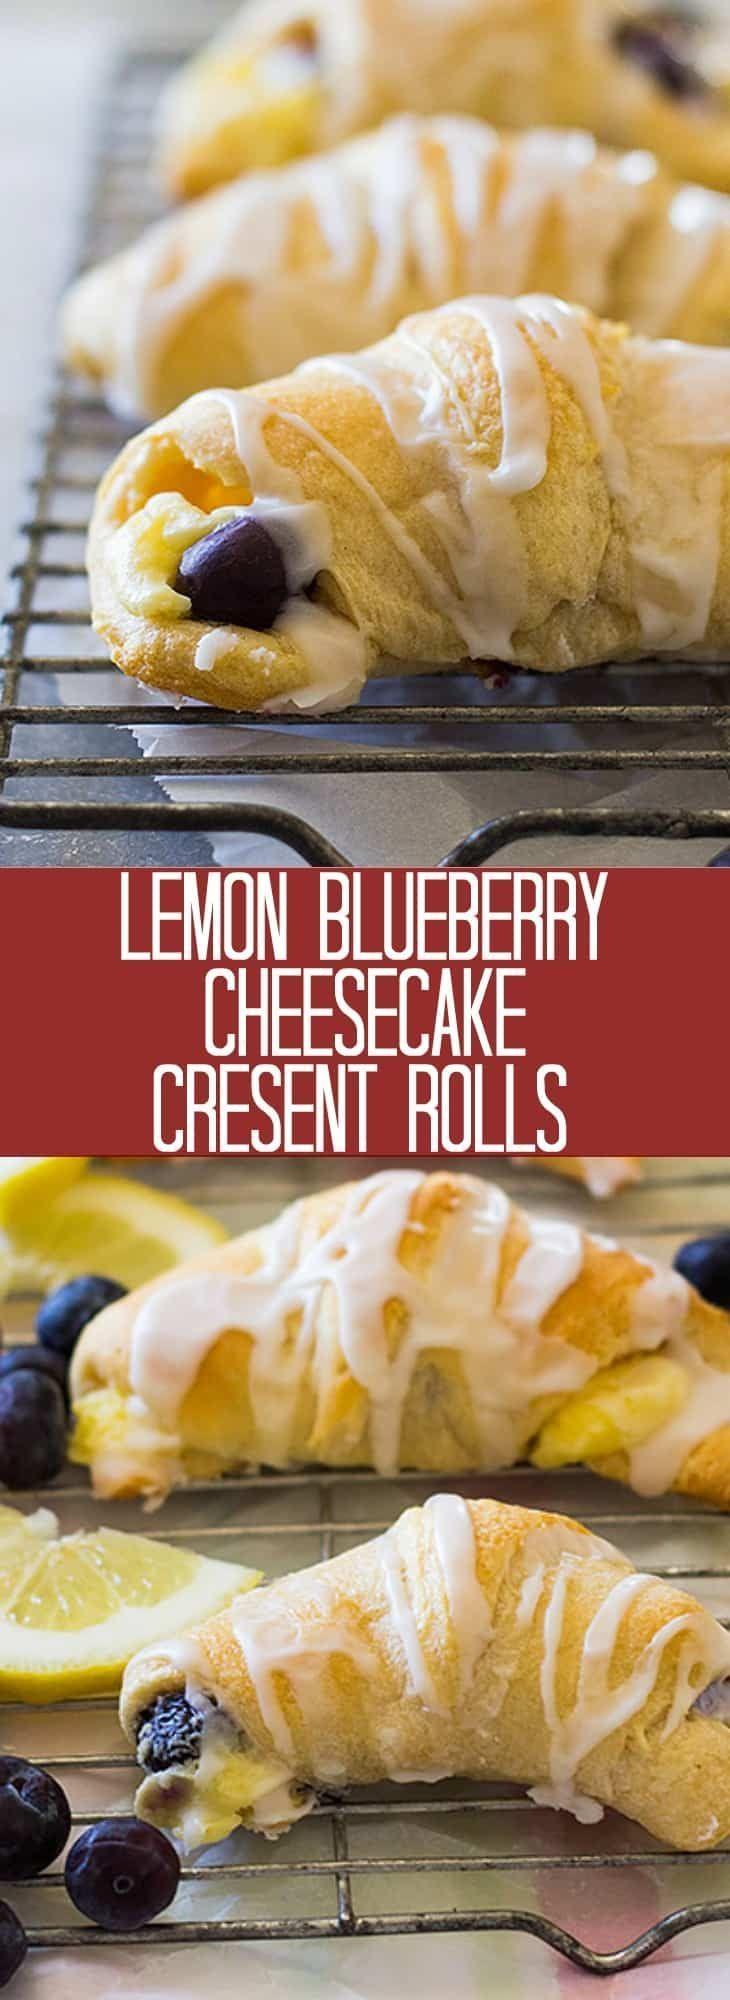 Diese Lemon Blueberry Cheesecake Crescent Rolls sind ein einfaches Rezept Sie These Lemon Blueberry Cheesecake Crescent Rolls are an easy recipe to make They Diese Lemon...